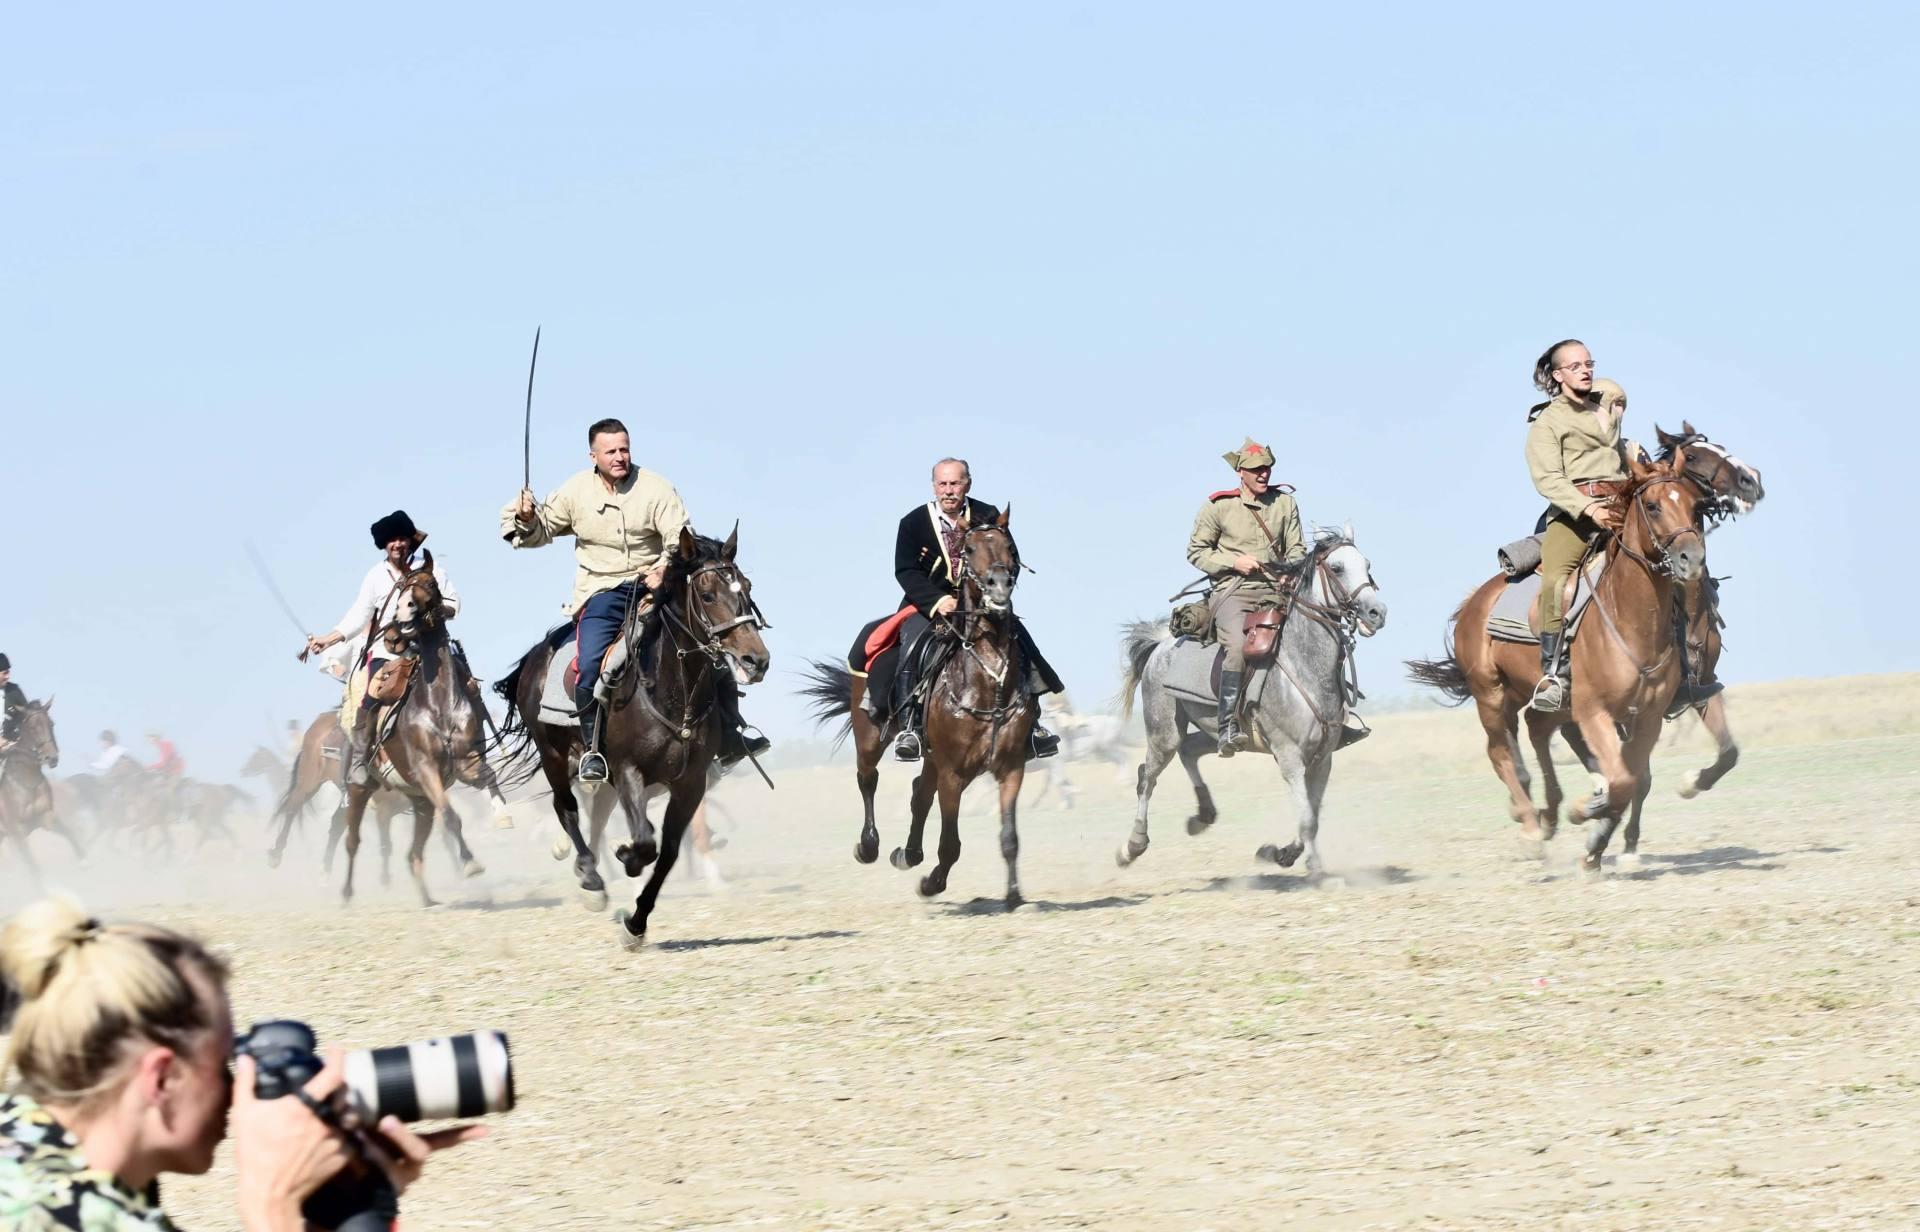 dsc 1045 Czas szabli - 100 rocznica bitwy pod Komarowem(zdjęcia)